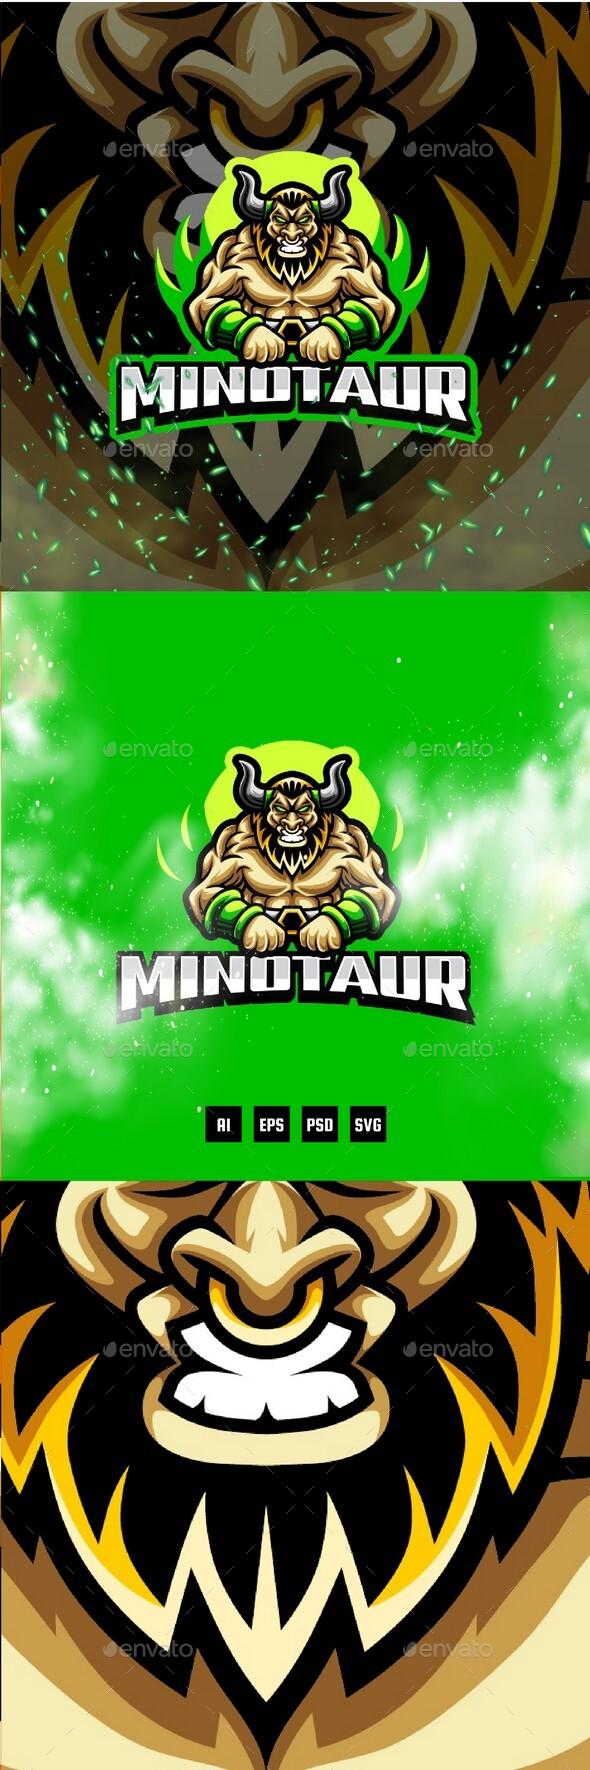 Minotaur E-Sport and Sport Logo Template